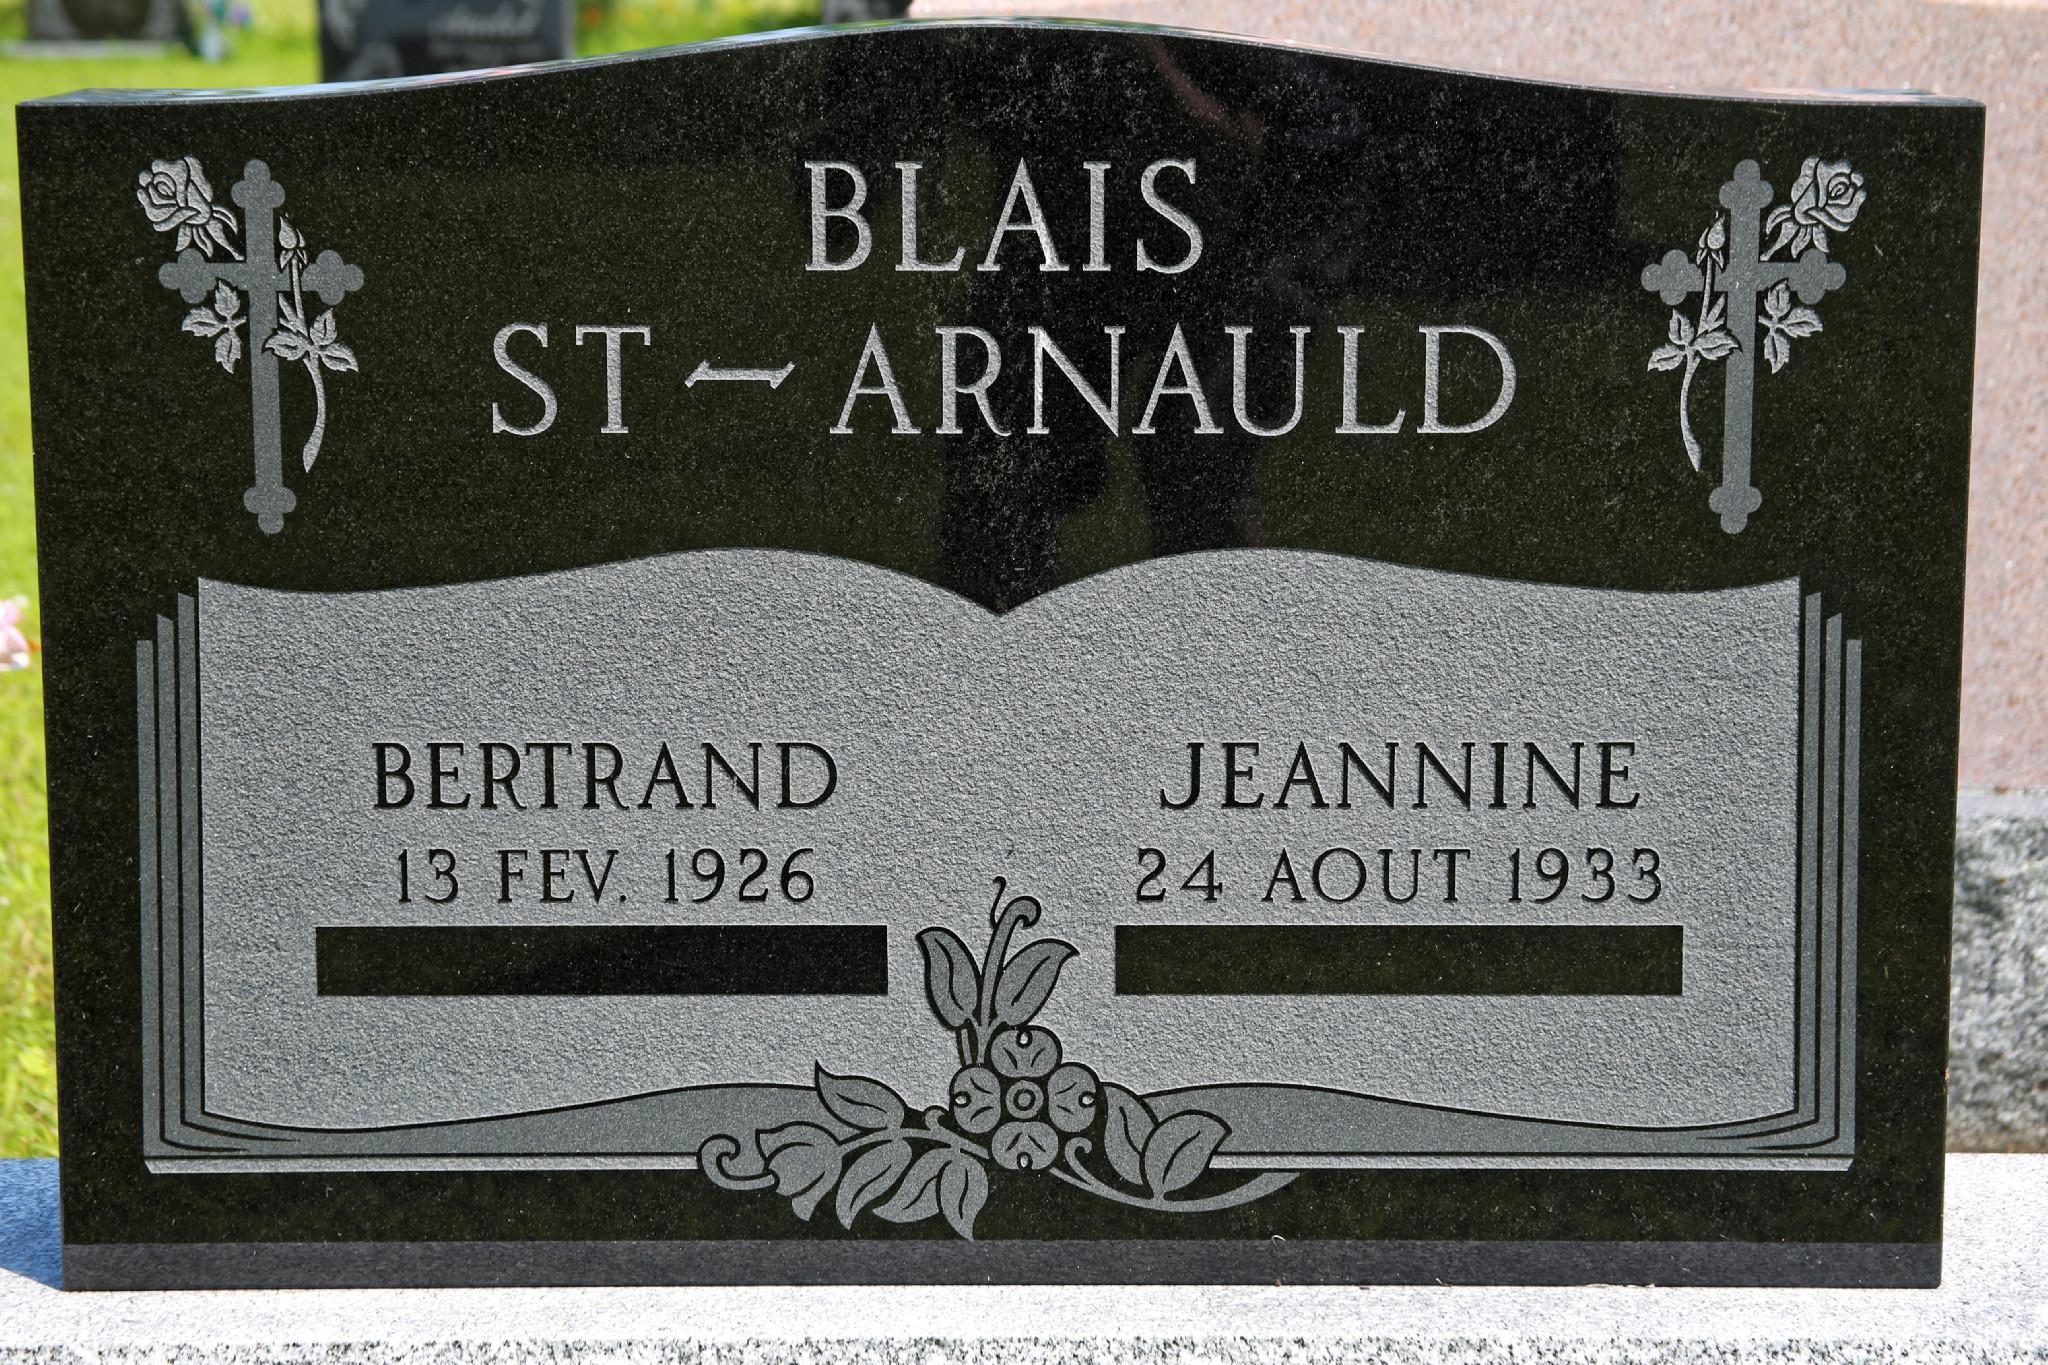 Bertrand Blais